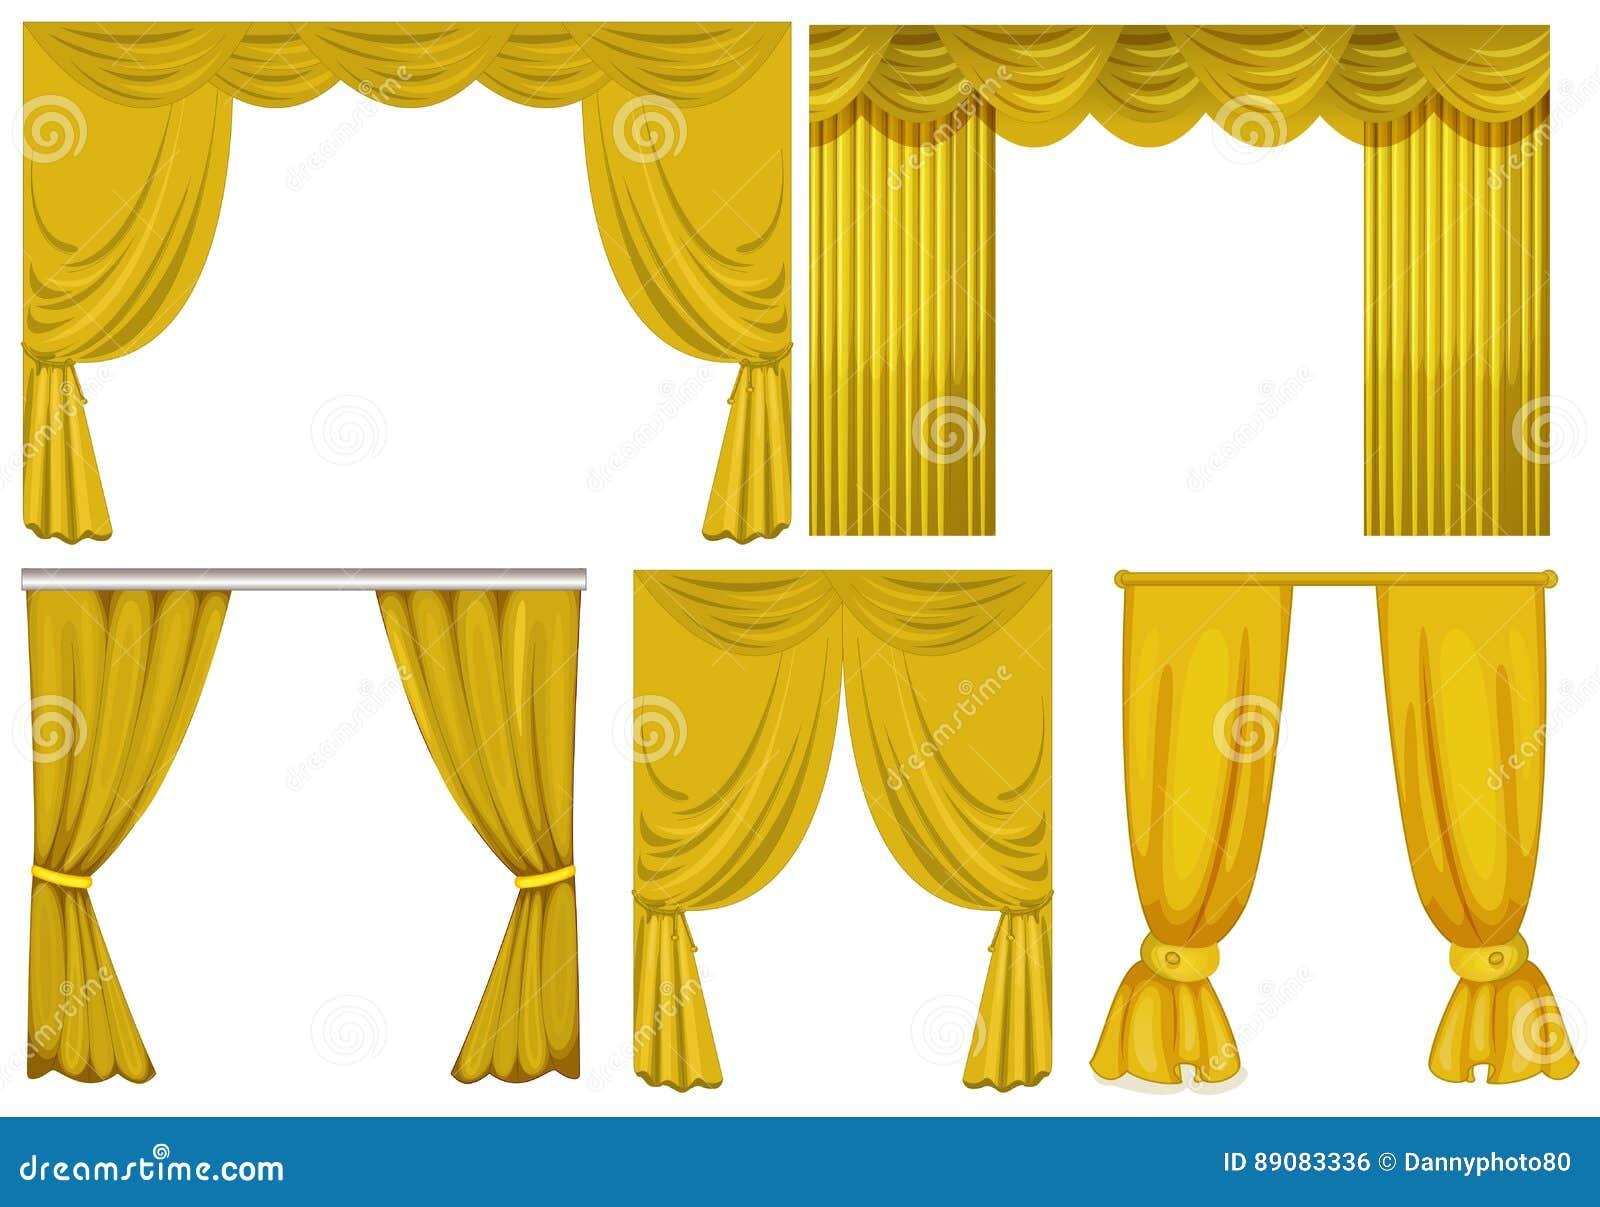 gele gordijnen op witte achtergrond